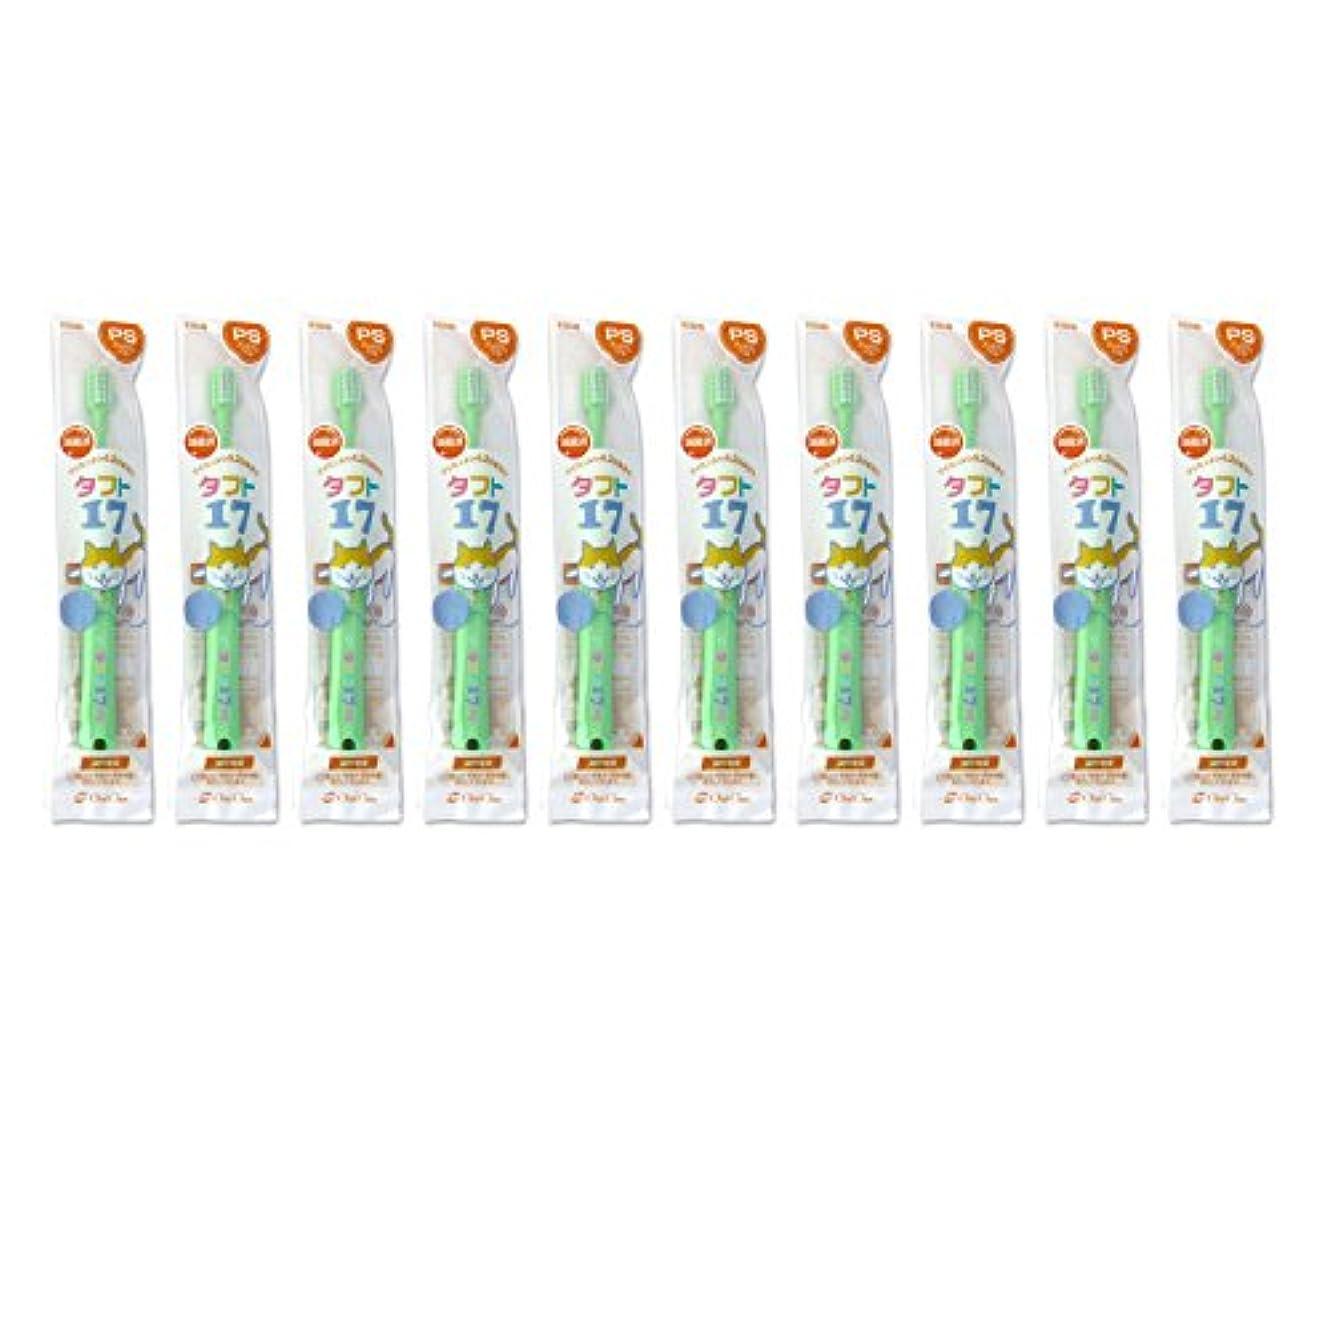 未来はず果てしないタフト17 10本 オーラルケア タフト17/プレミアムソフト 子供 タフト 乳歯列期(1~7歳)こども歯ブラシ 10本セット グリーン